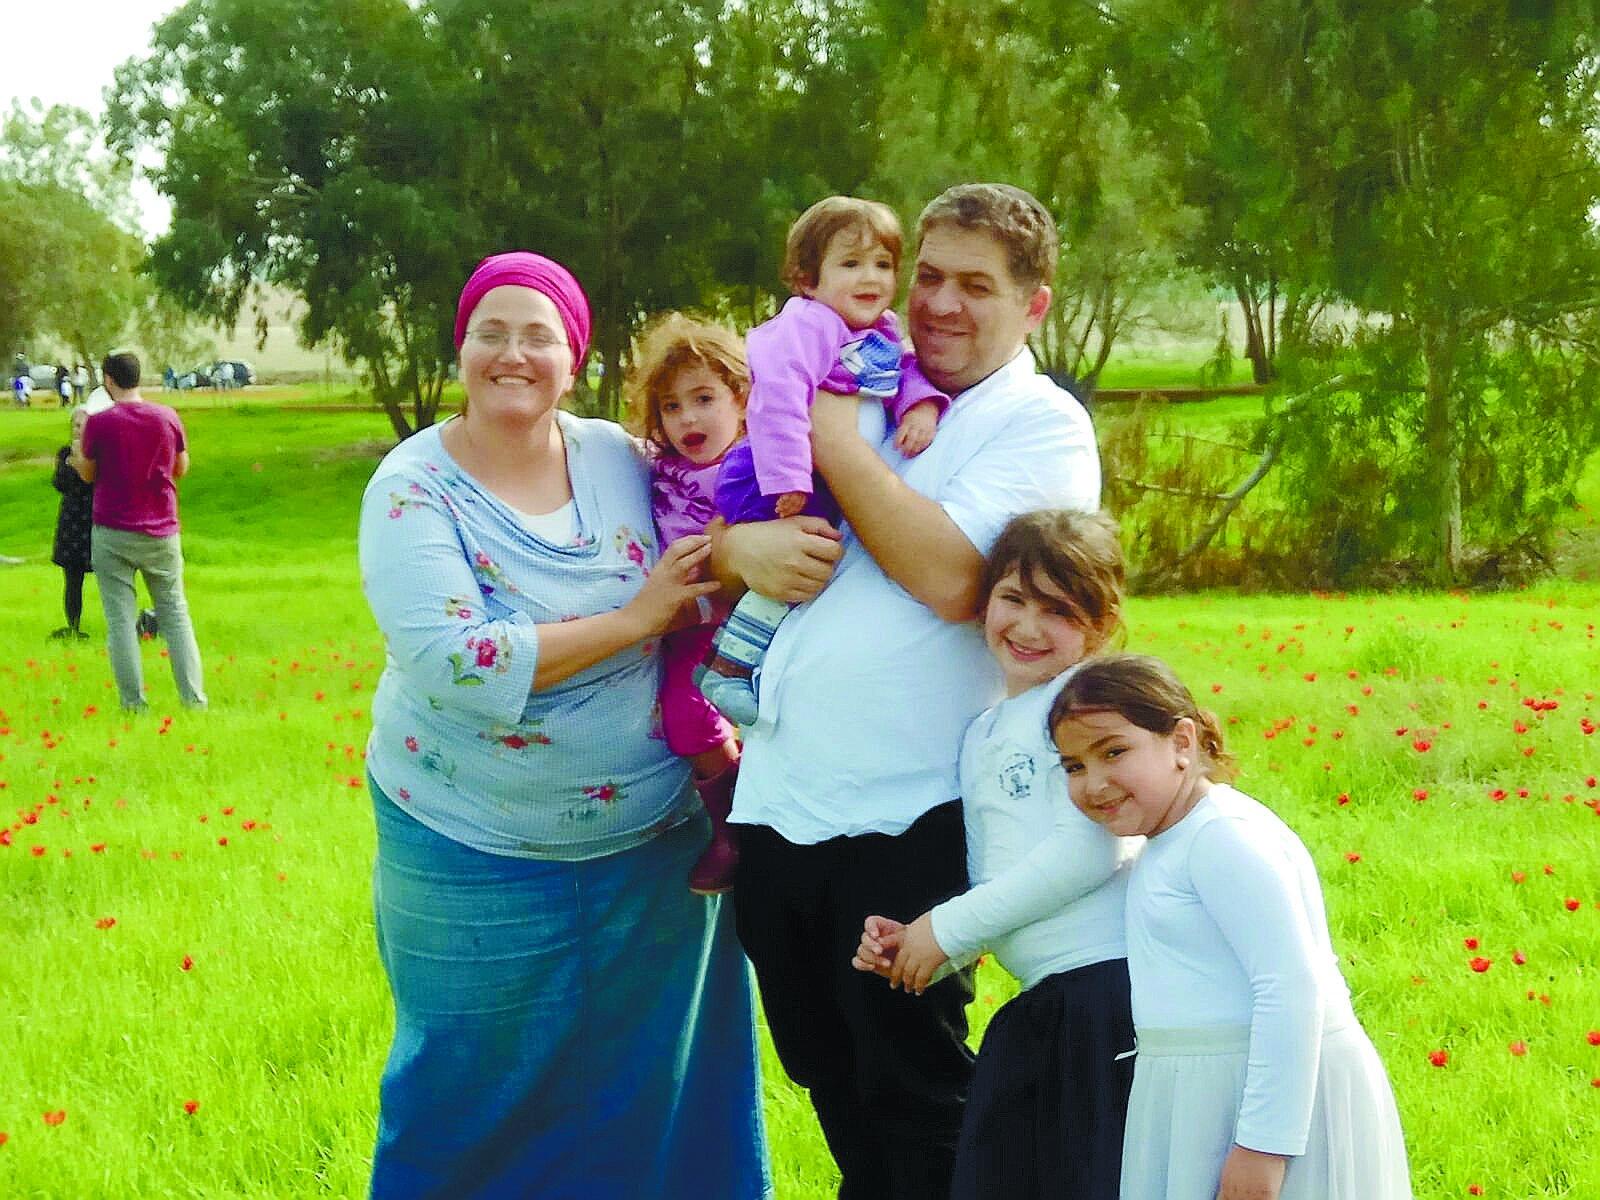 שפרה זייני ומשפחתה